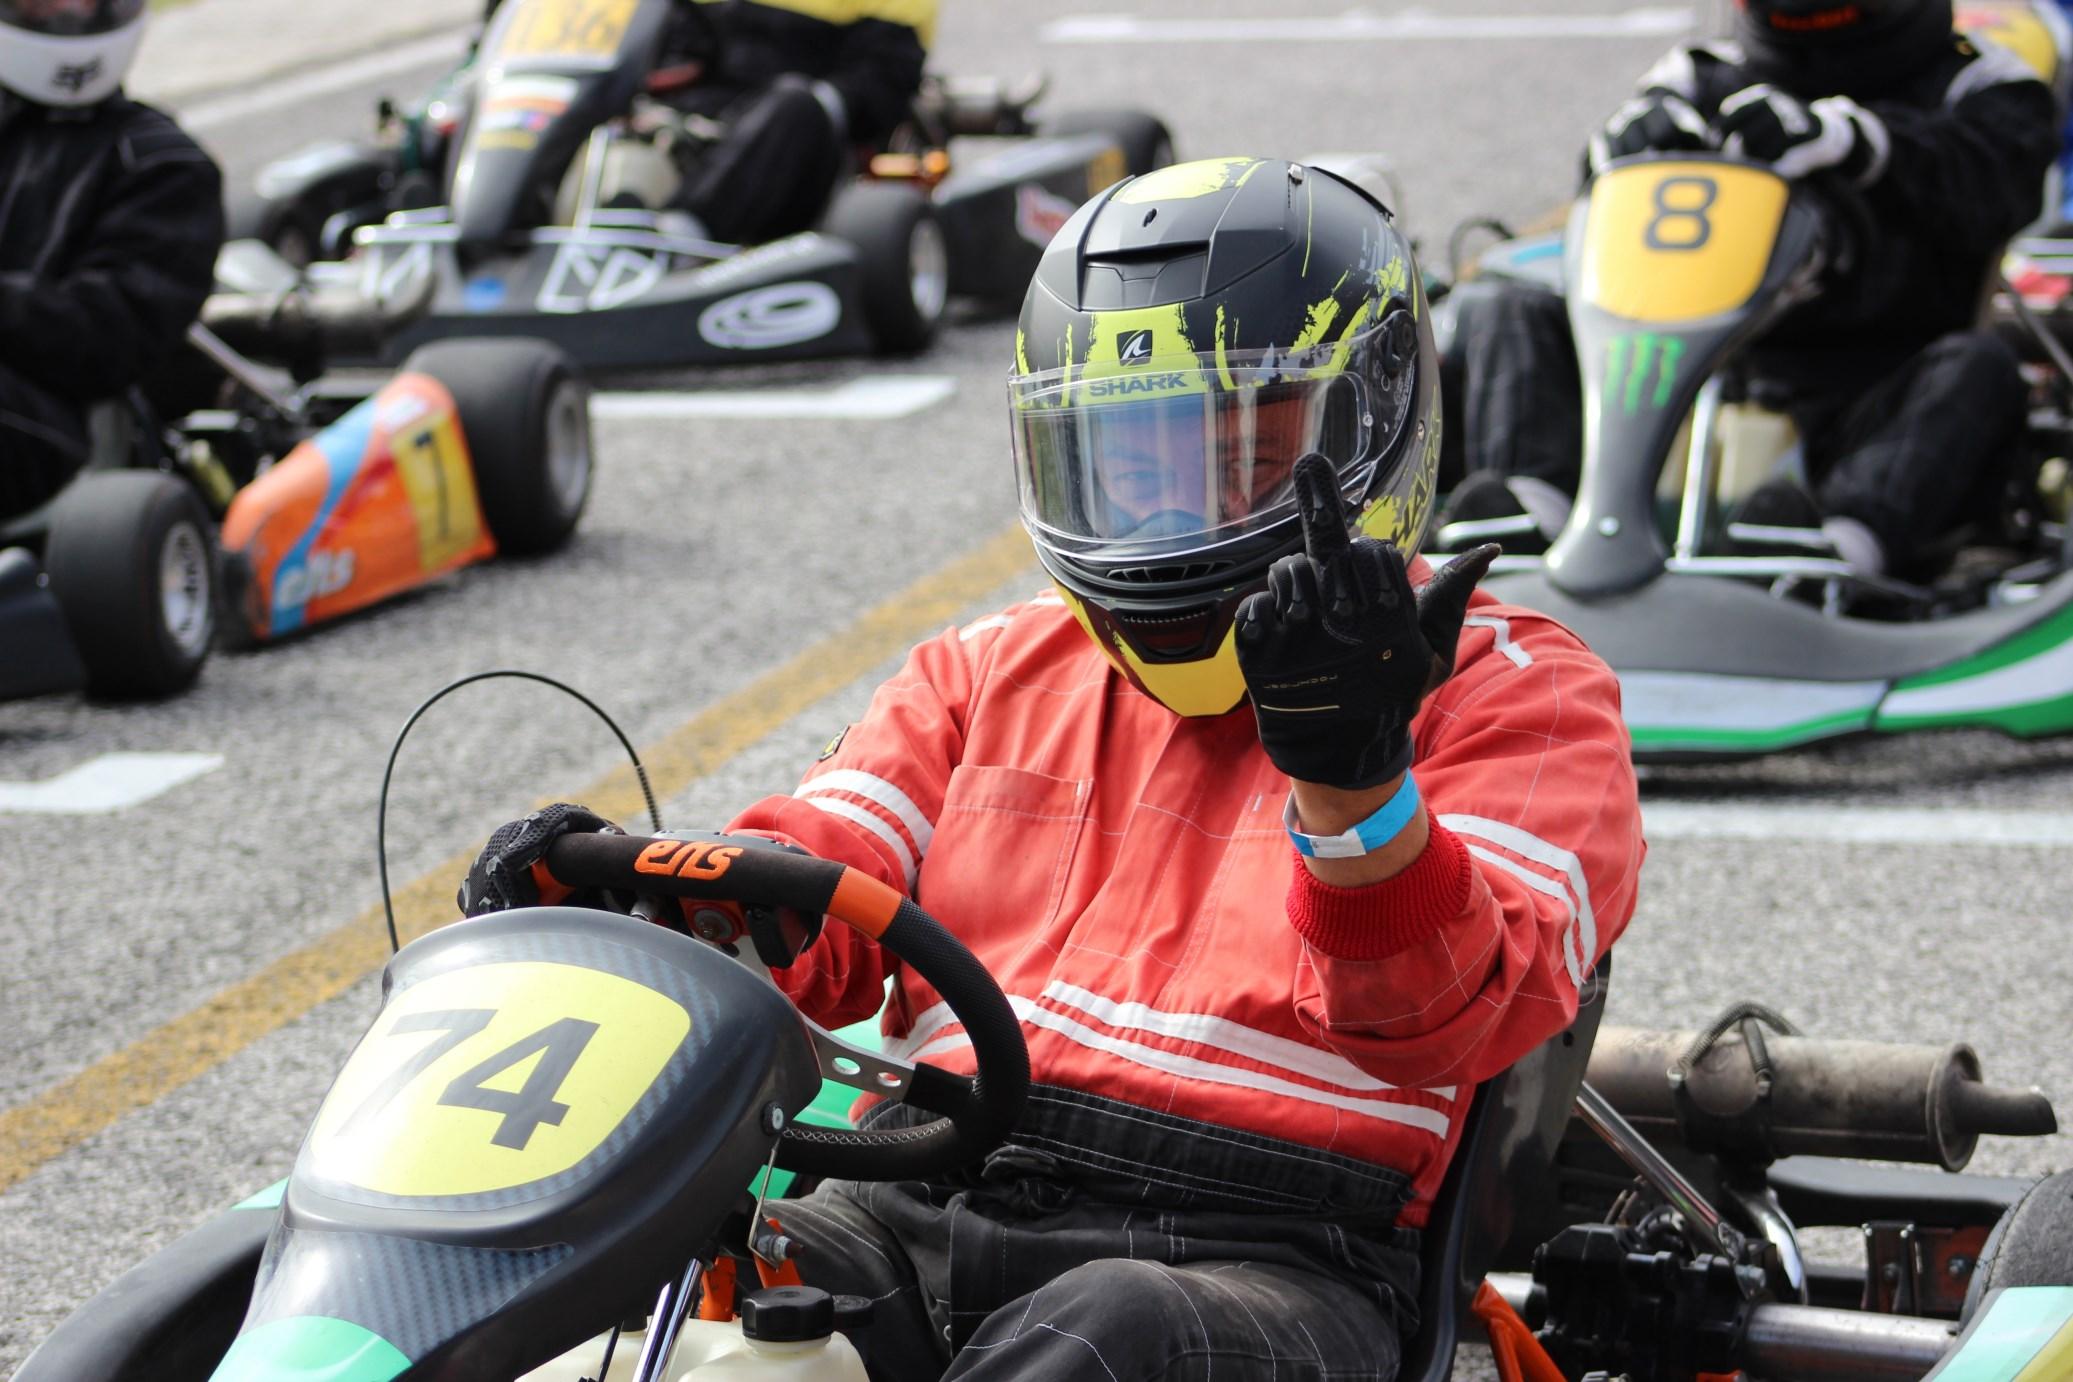 Troféu Honda 2014 - 4ª Prova194